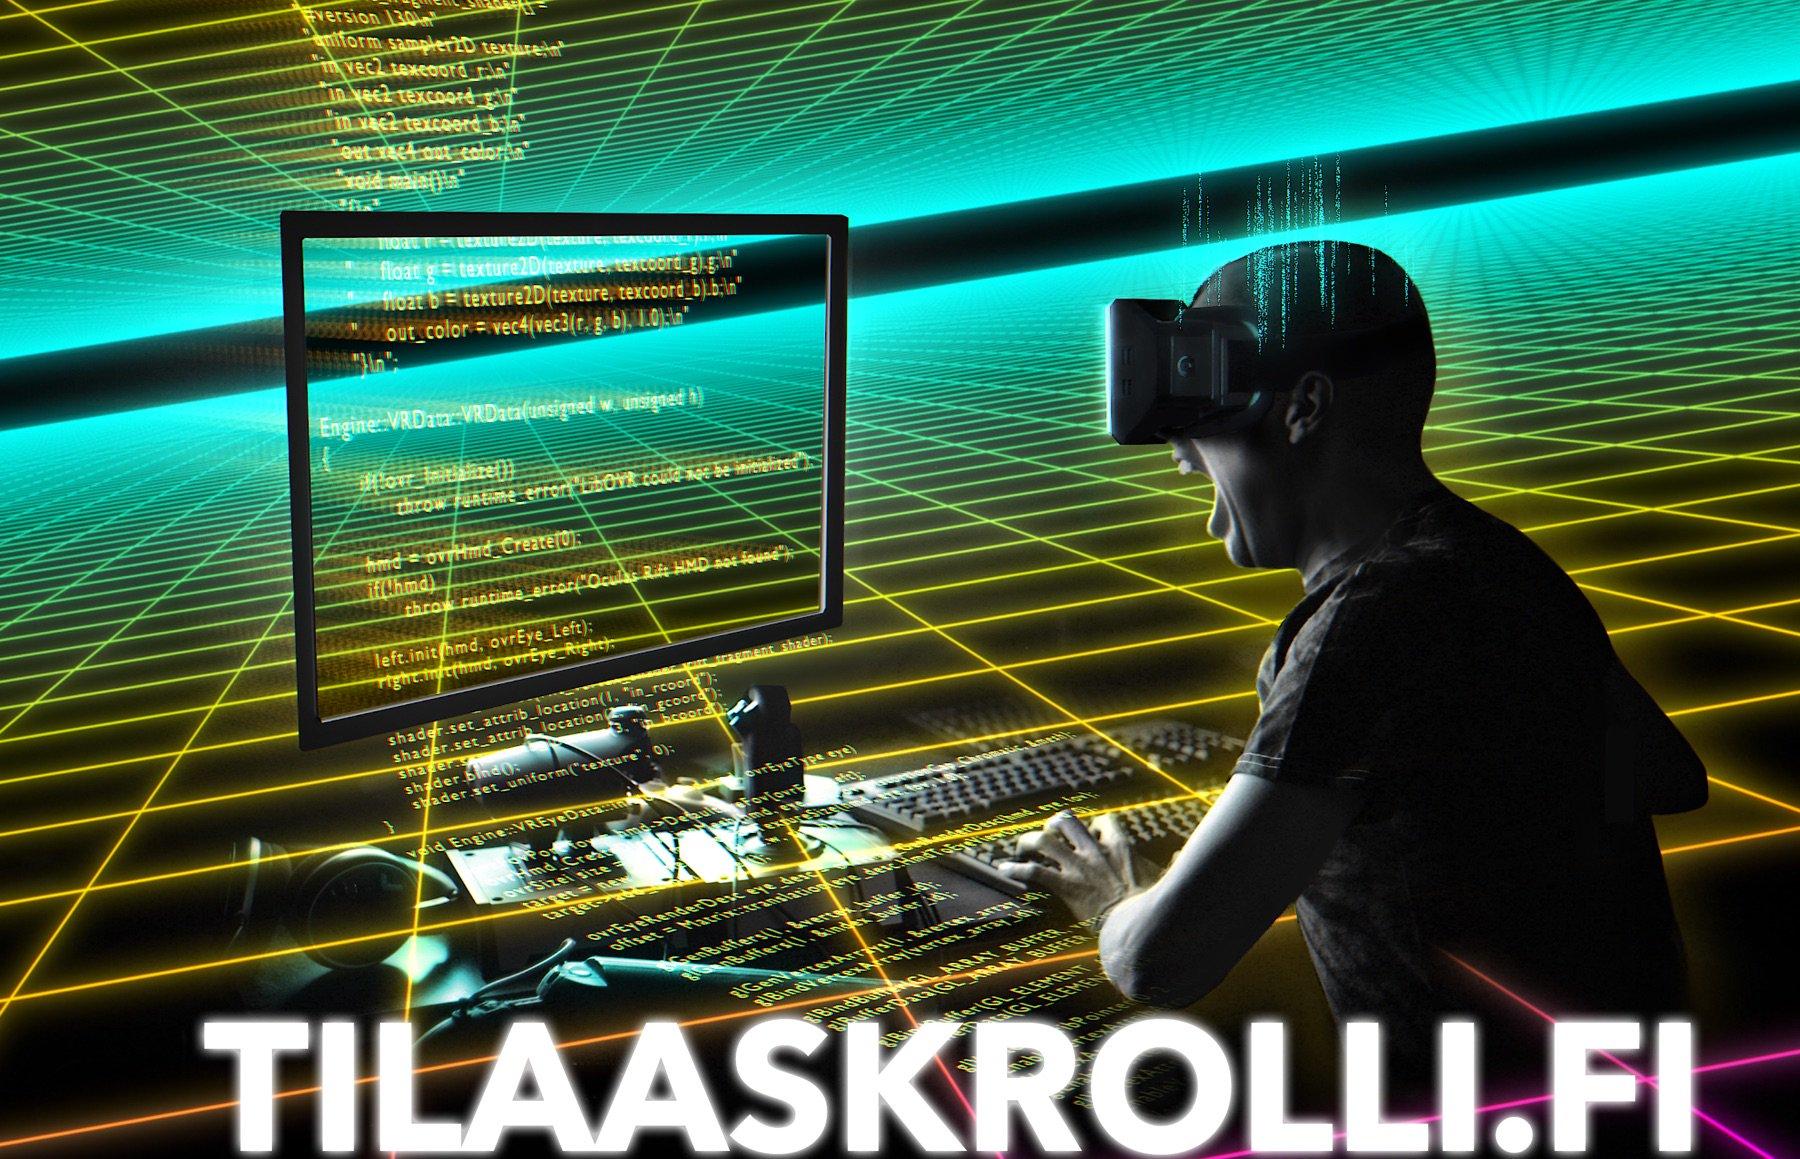 tilaaskrolli.fi - Voita Oculus Rift